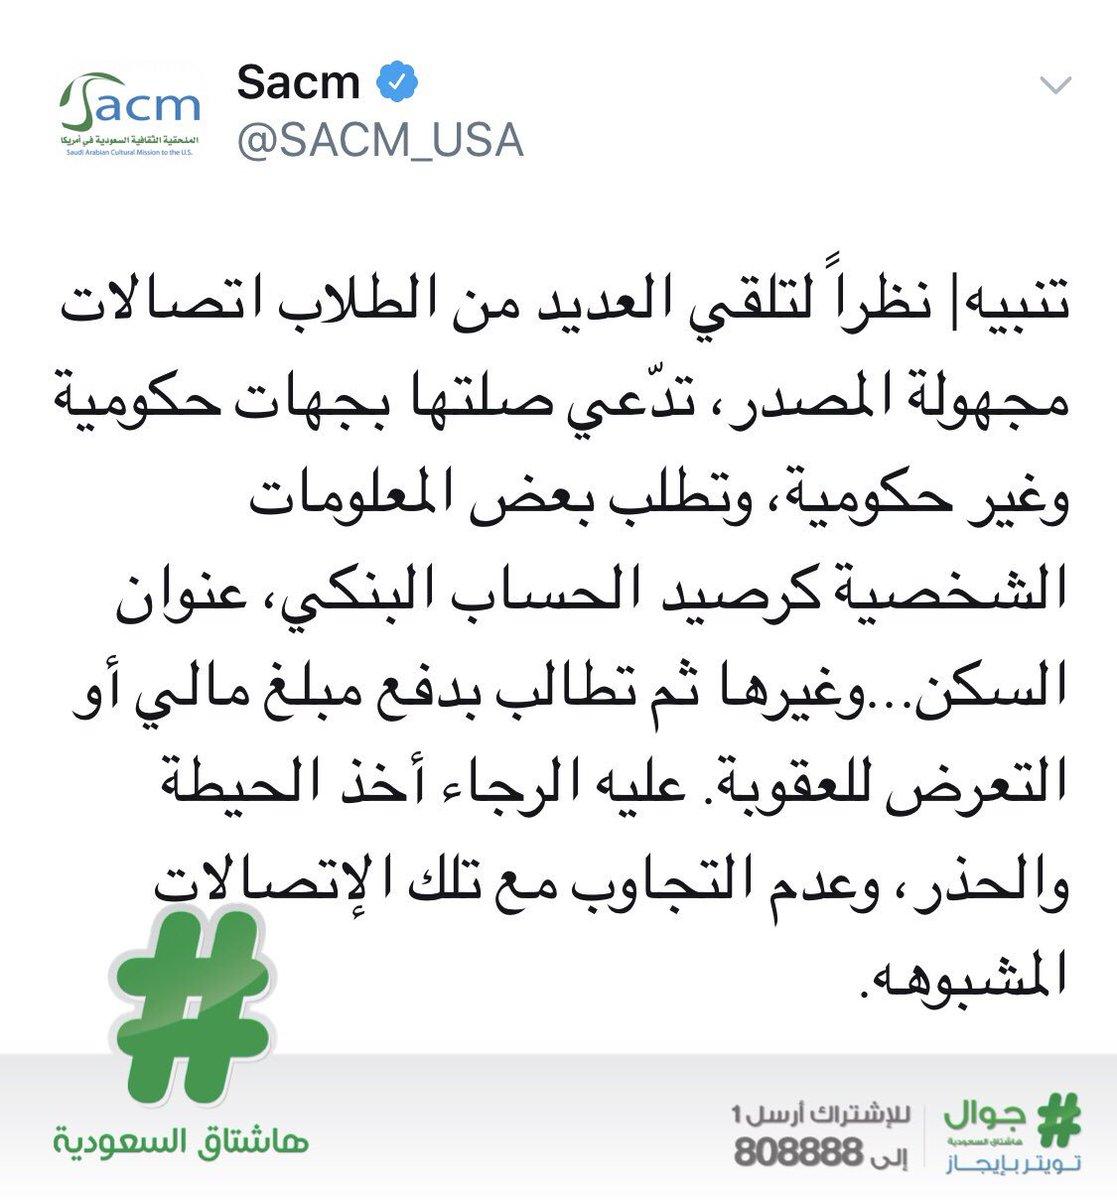 معا ضد محمد العيسى Talalahmadxxx Twitter 10